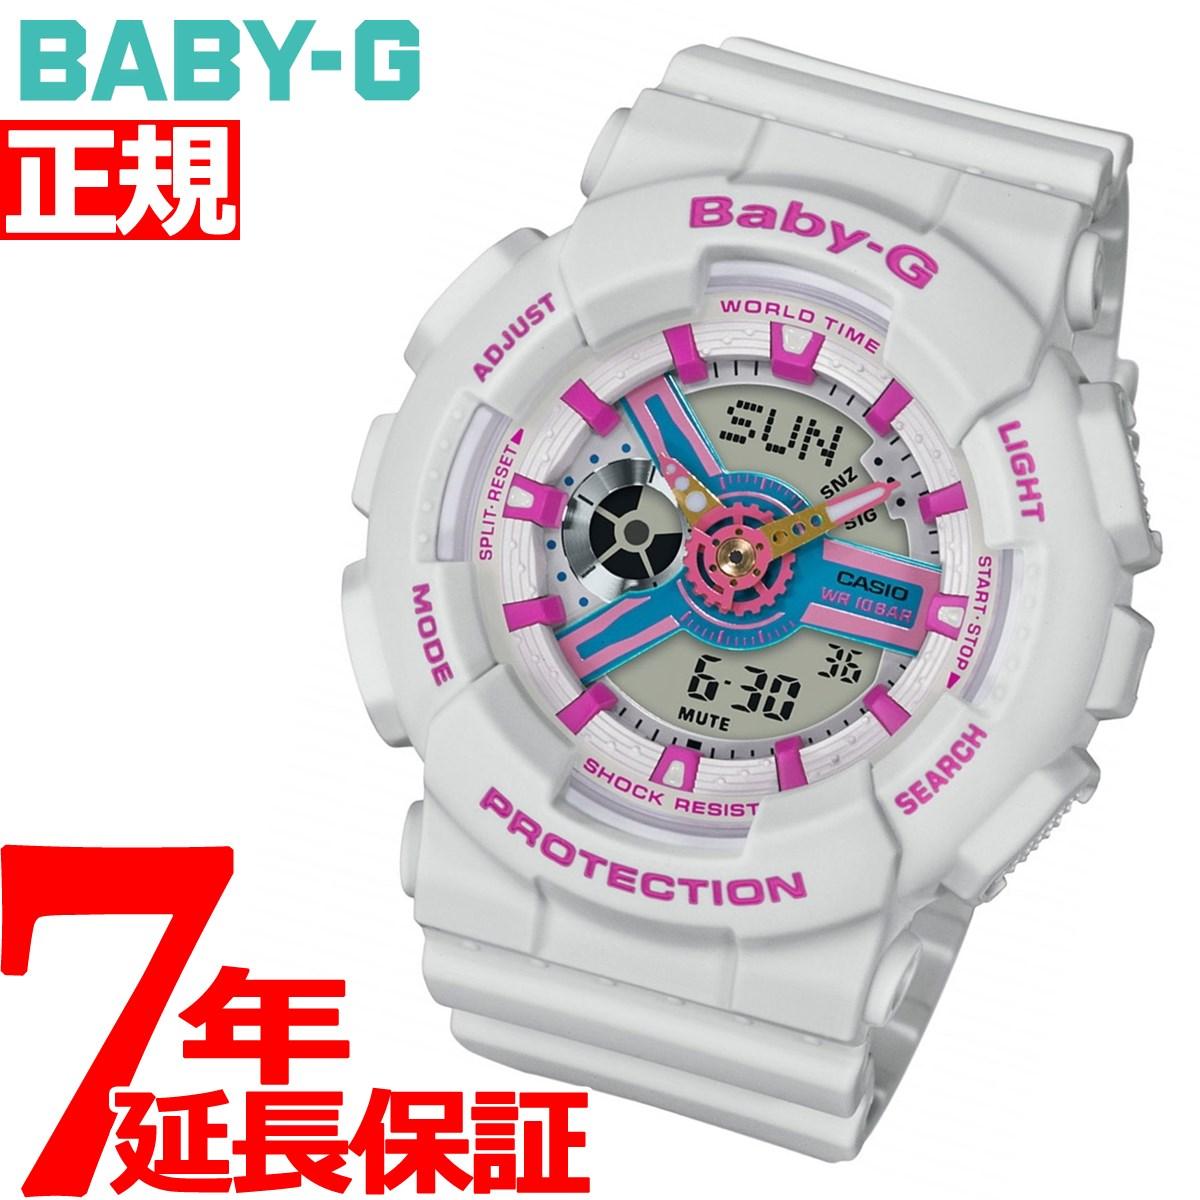 BABY-G カシオ ベビーG レディース 腕時計 BA-110NR-8AJF【2018 新作】